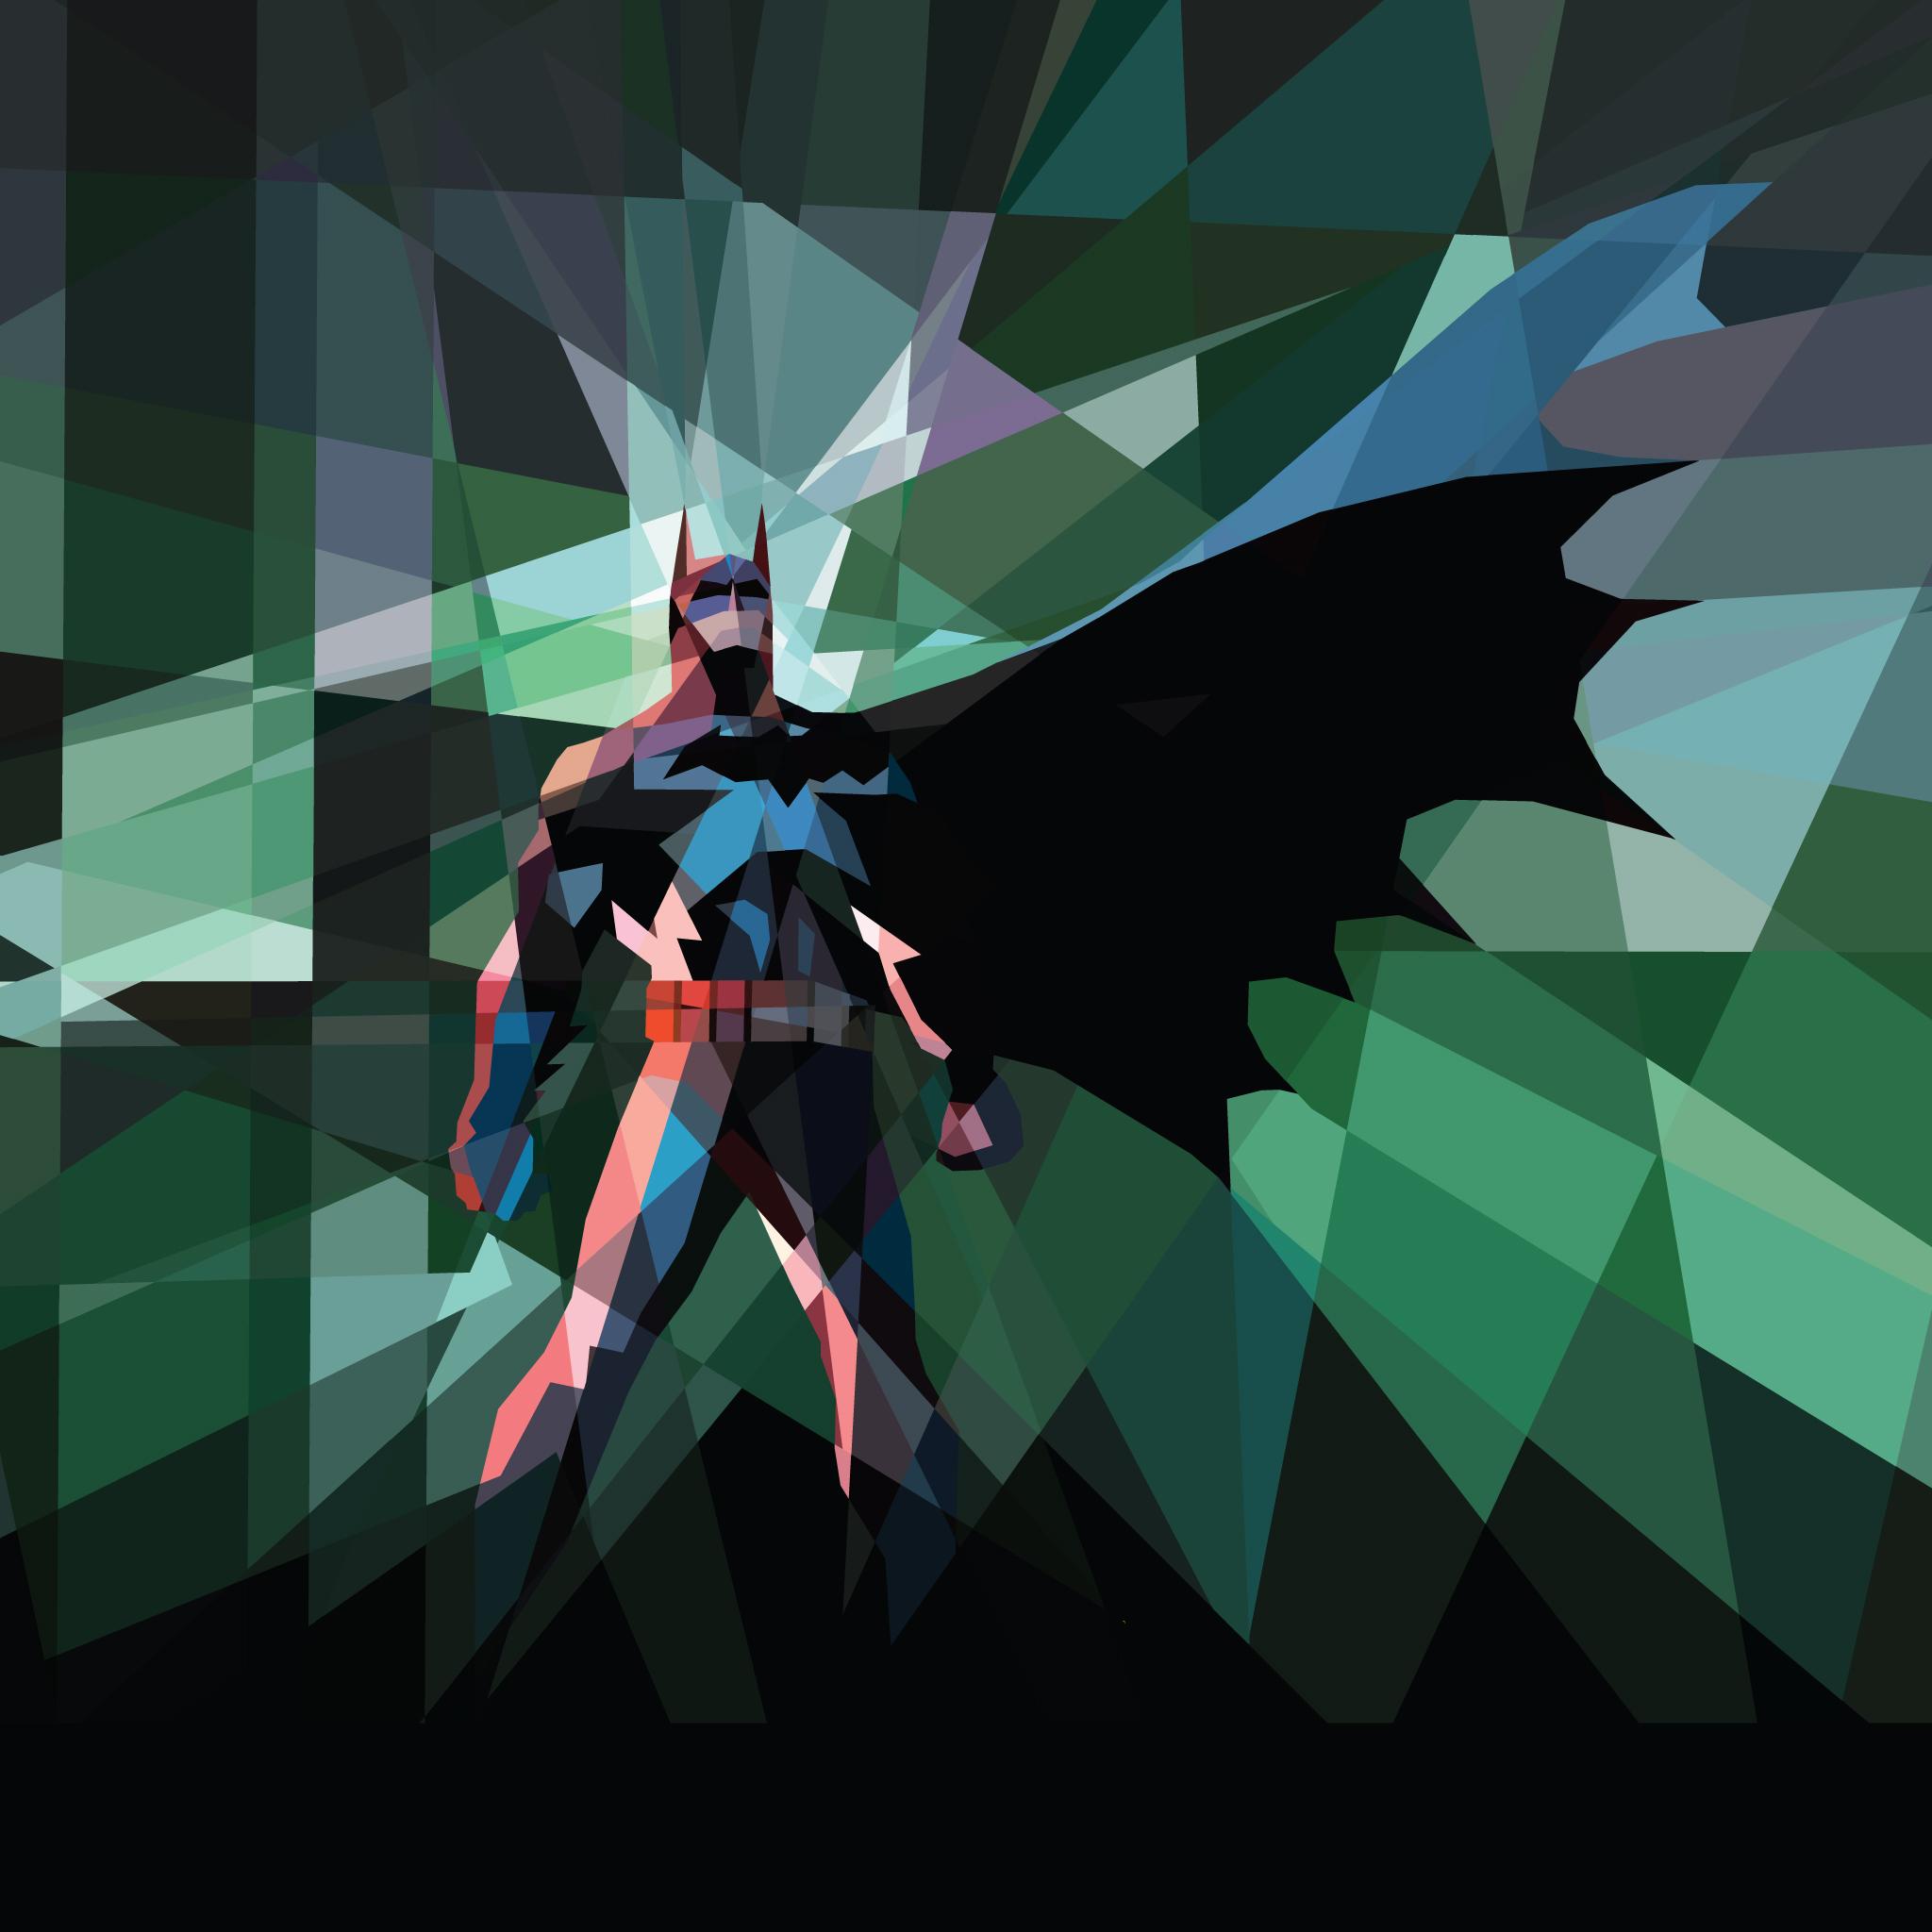 Batman-3Wallpapers-iPad-Retina